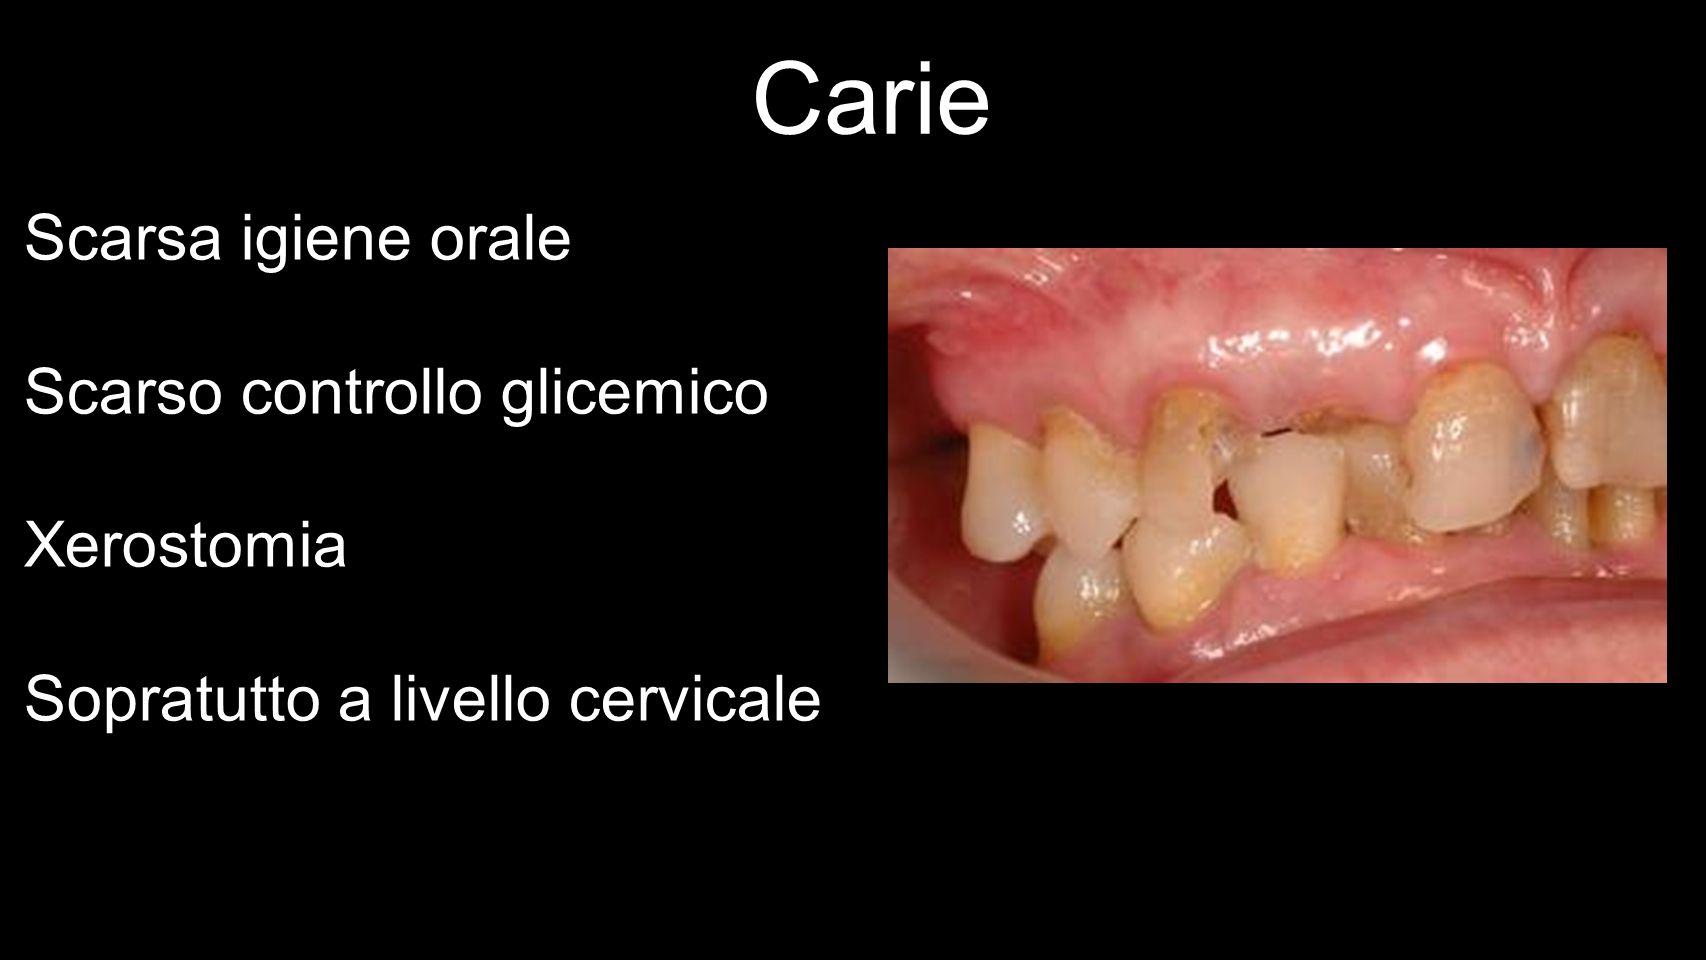 Carie Scarsa igiene orale Scarso controllo glicemico Xerostomia Sopratutto a livello cervicale